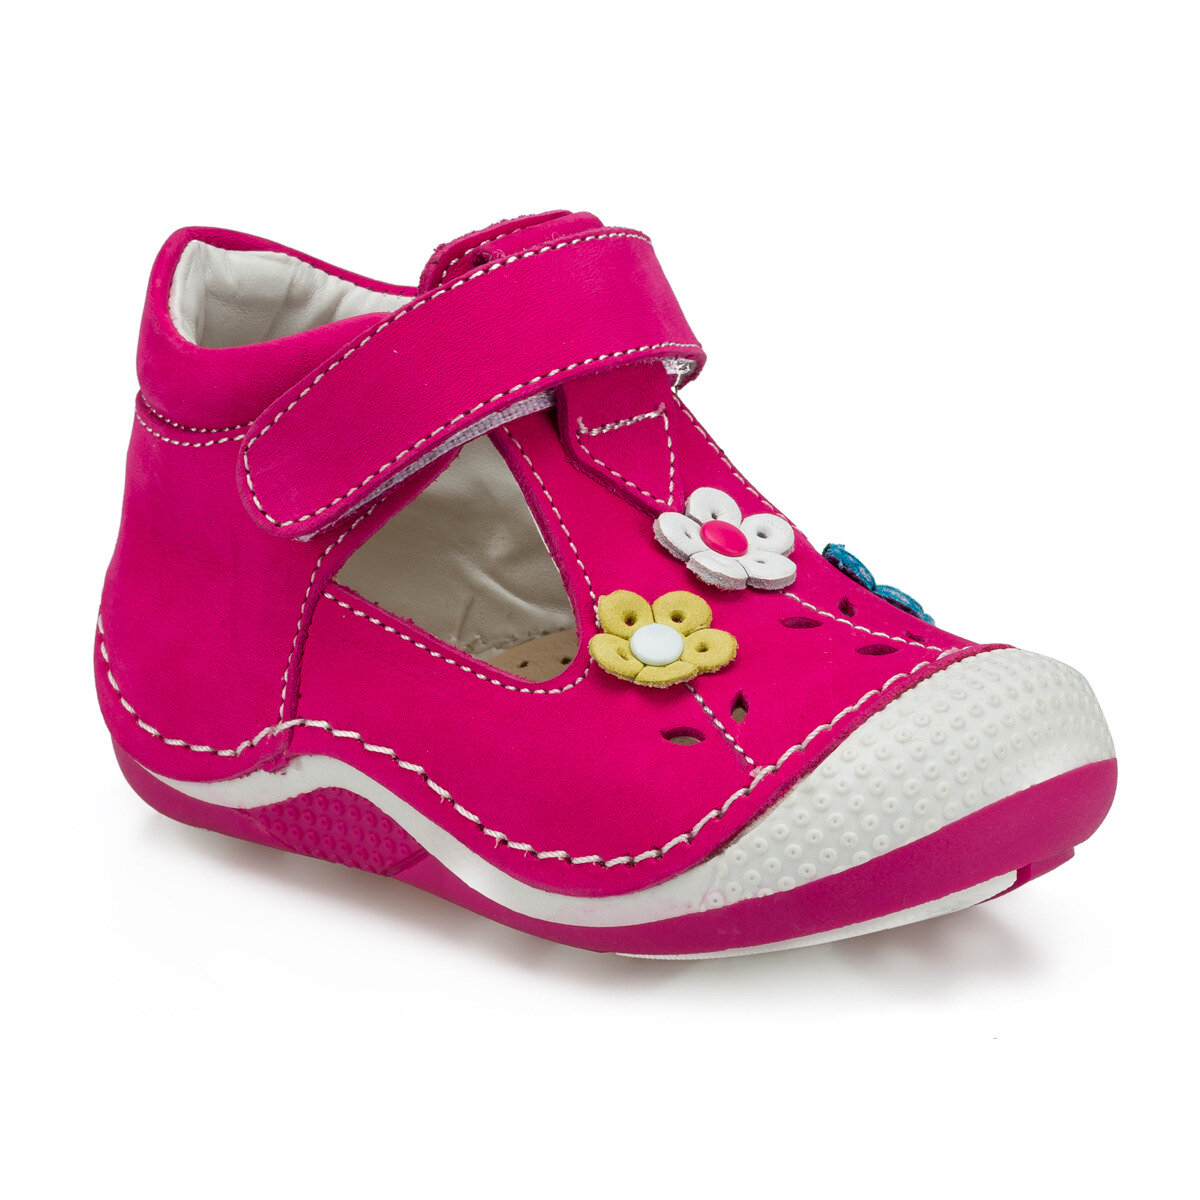 FLO 512235.I Fuchsia Female Child Sneaker Shoes Polaris